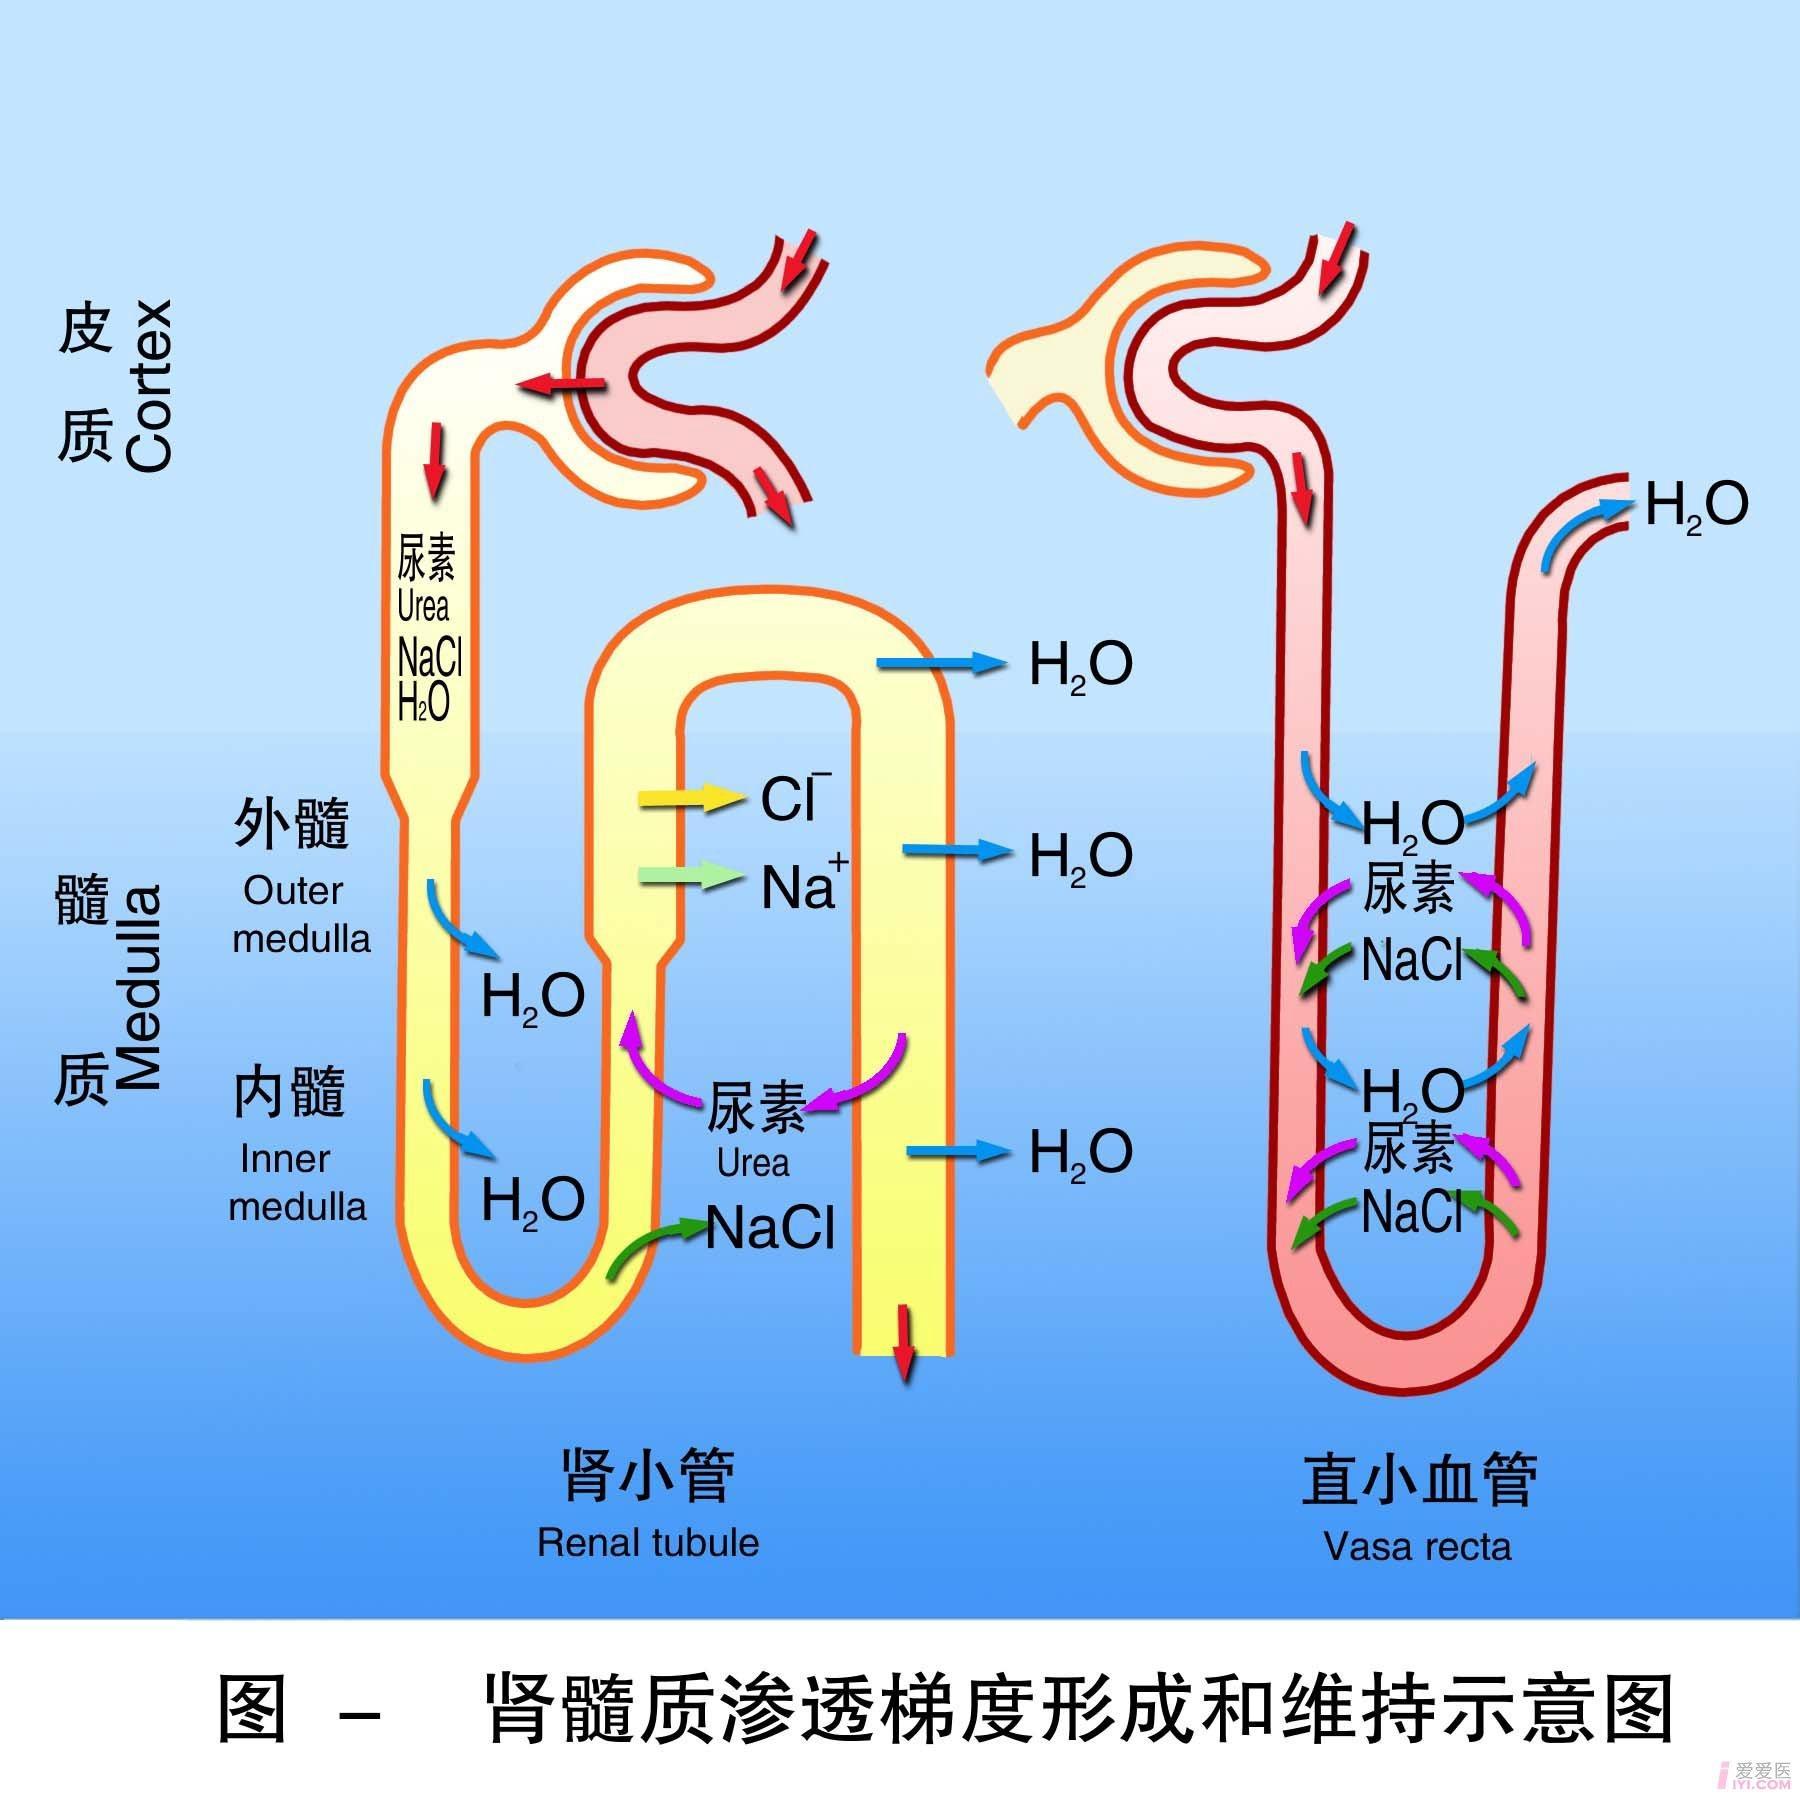 16-肾髓质渗透梯度形成和维持示意图 .jpg